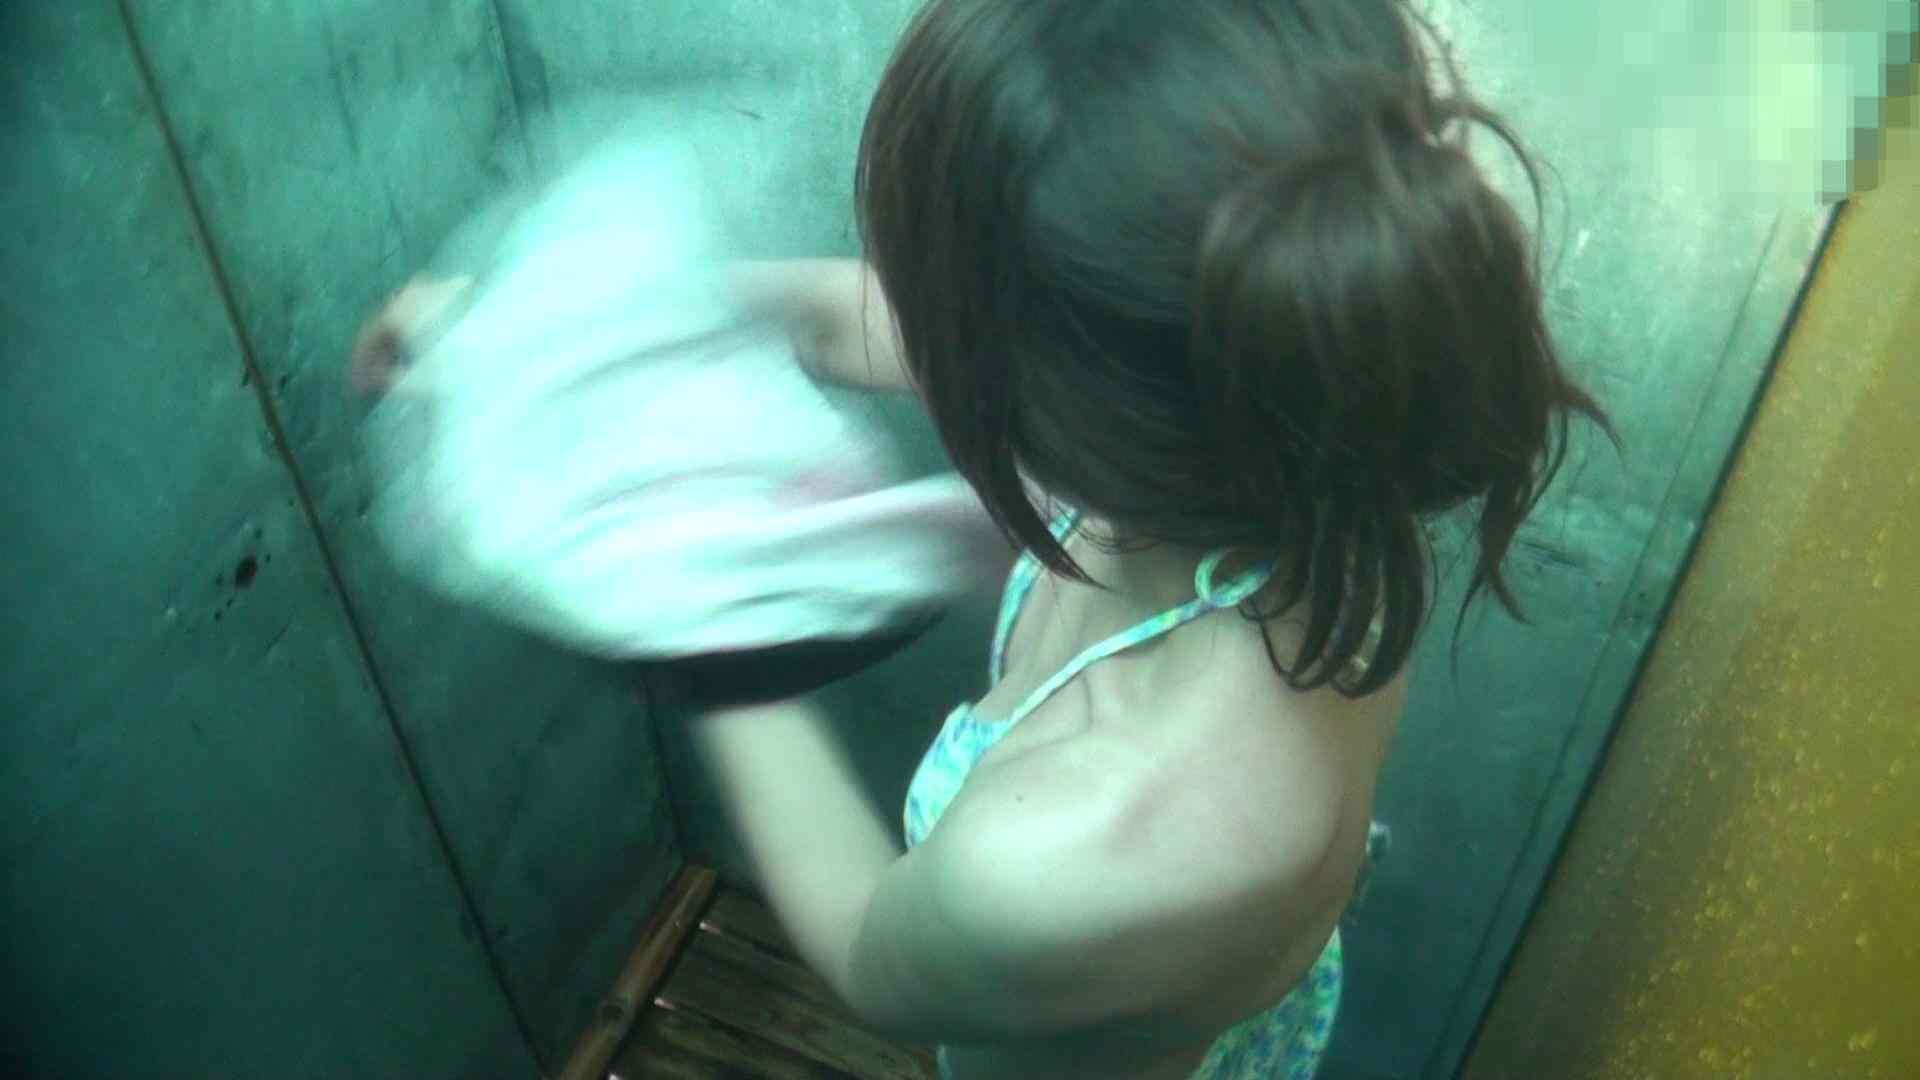 シャワールームは超!!危険な香りVol.15 残念ですが乳首未確認 マンコの砂は入念に OL女体 盗撮動画紹介 48連発 7